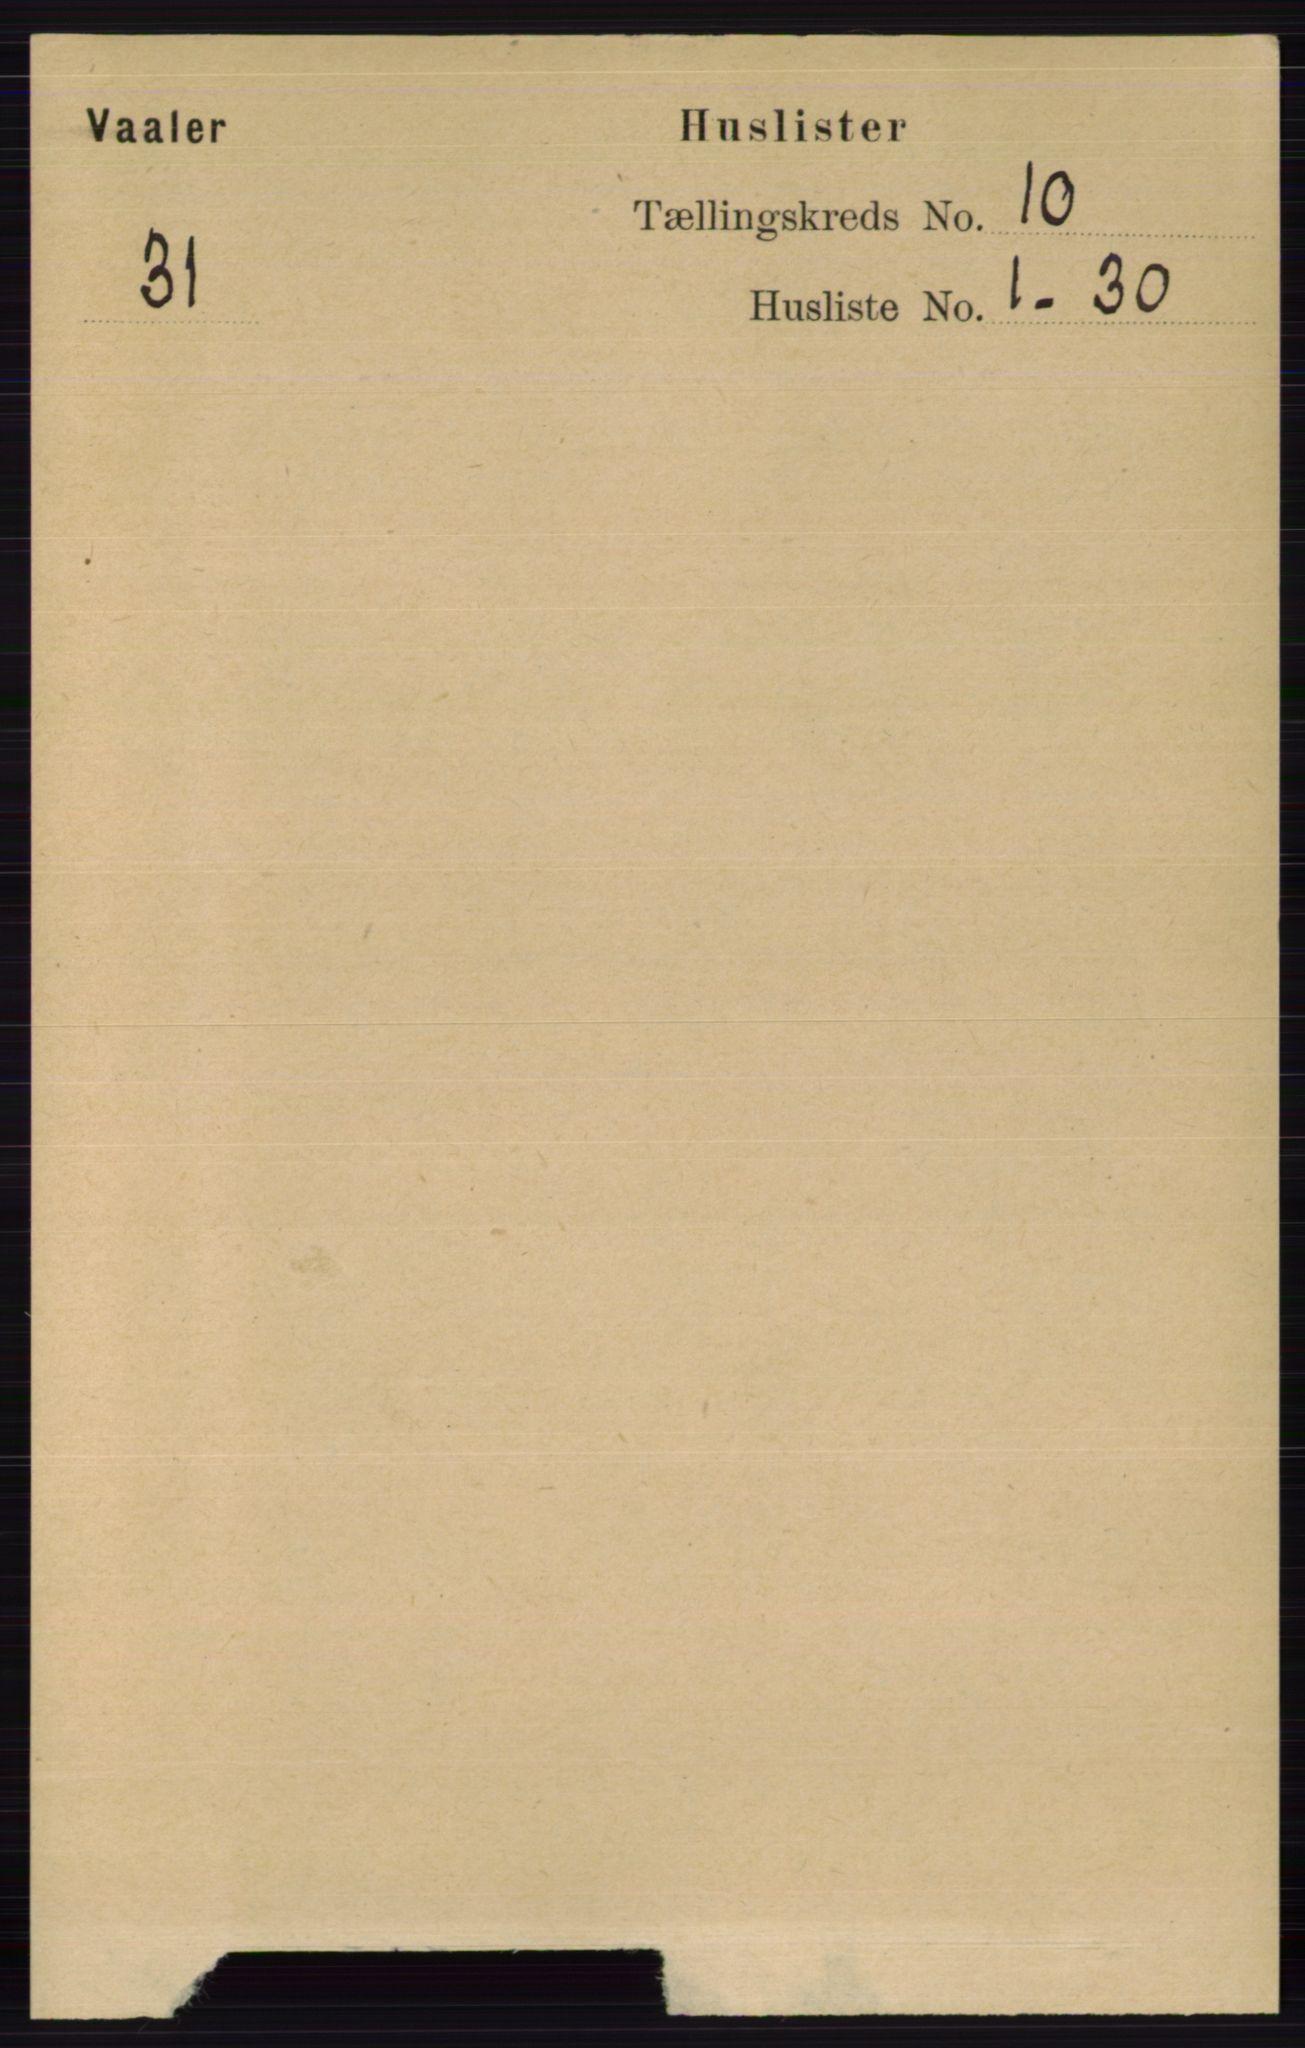 RA, Folketelling 1891 for 0426 Våler herred, 1891, s. 4116